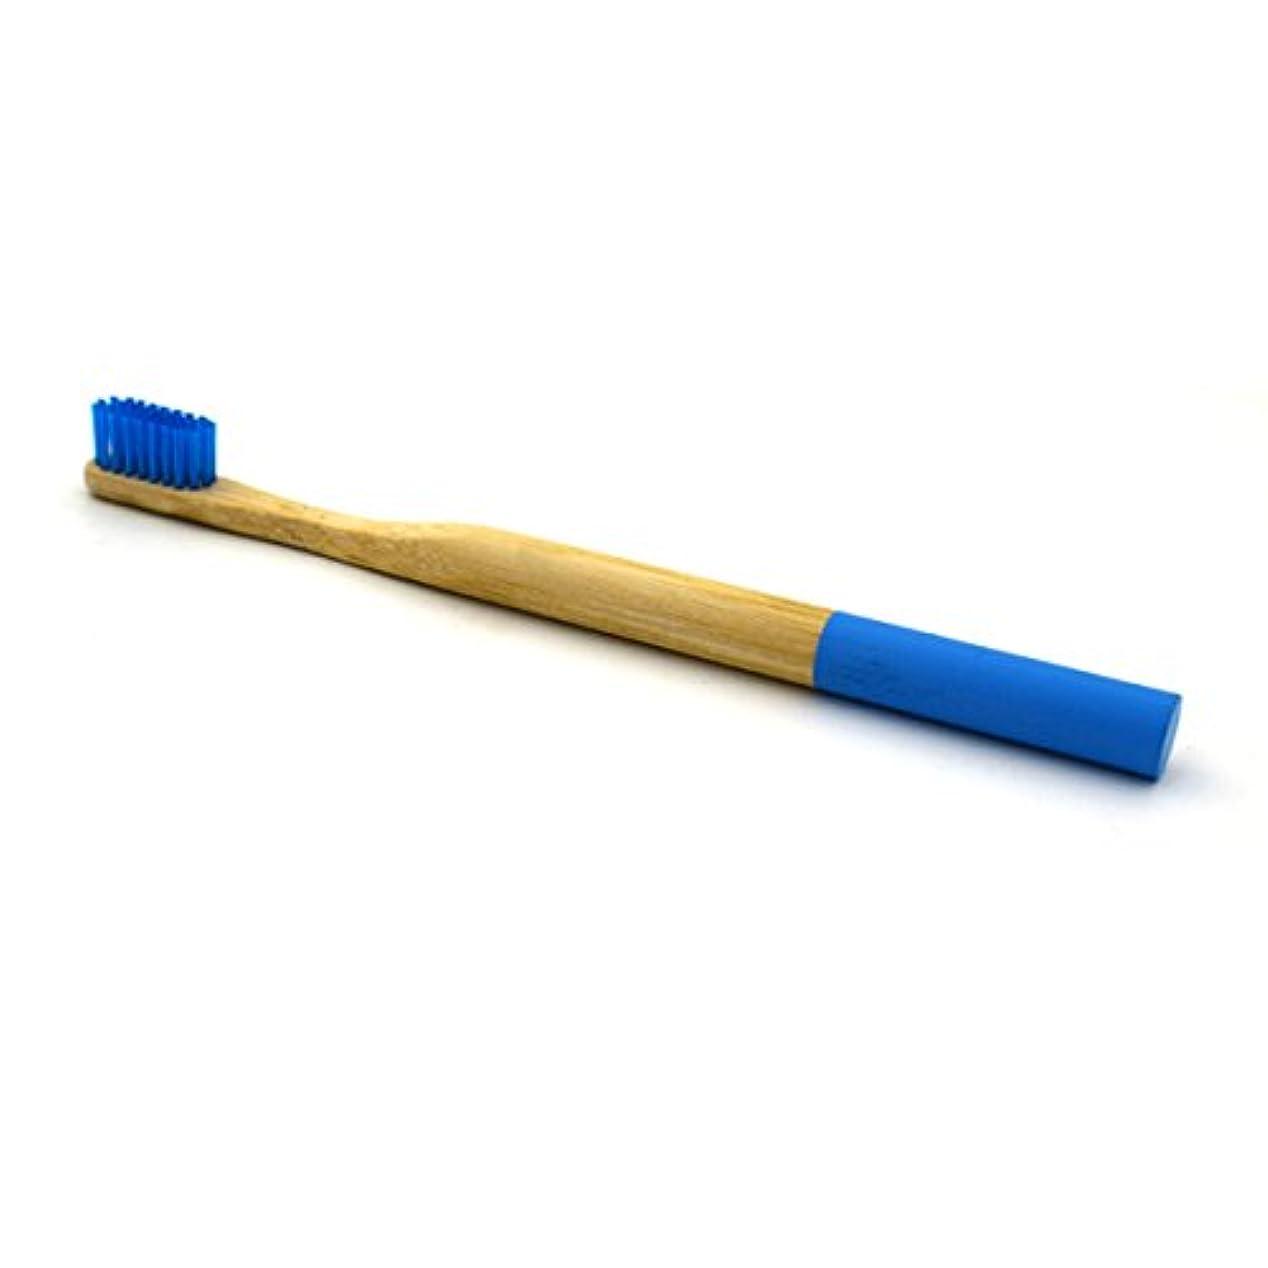 製油所エリート明日ROSENICE 竹の歯ブラシ 自然な竹エコフレンドリーな柔らかい毛の旅行の歯ブラシ(青)